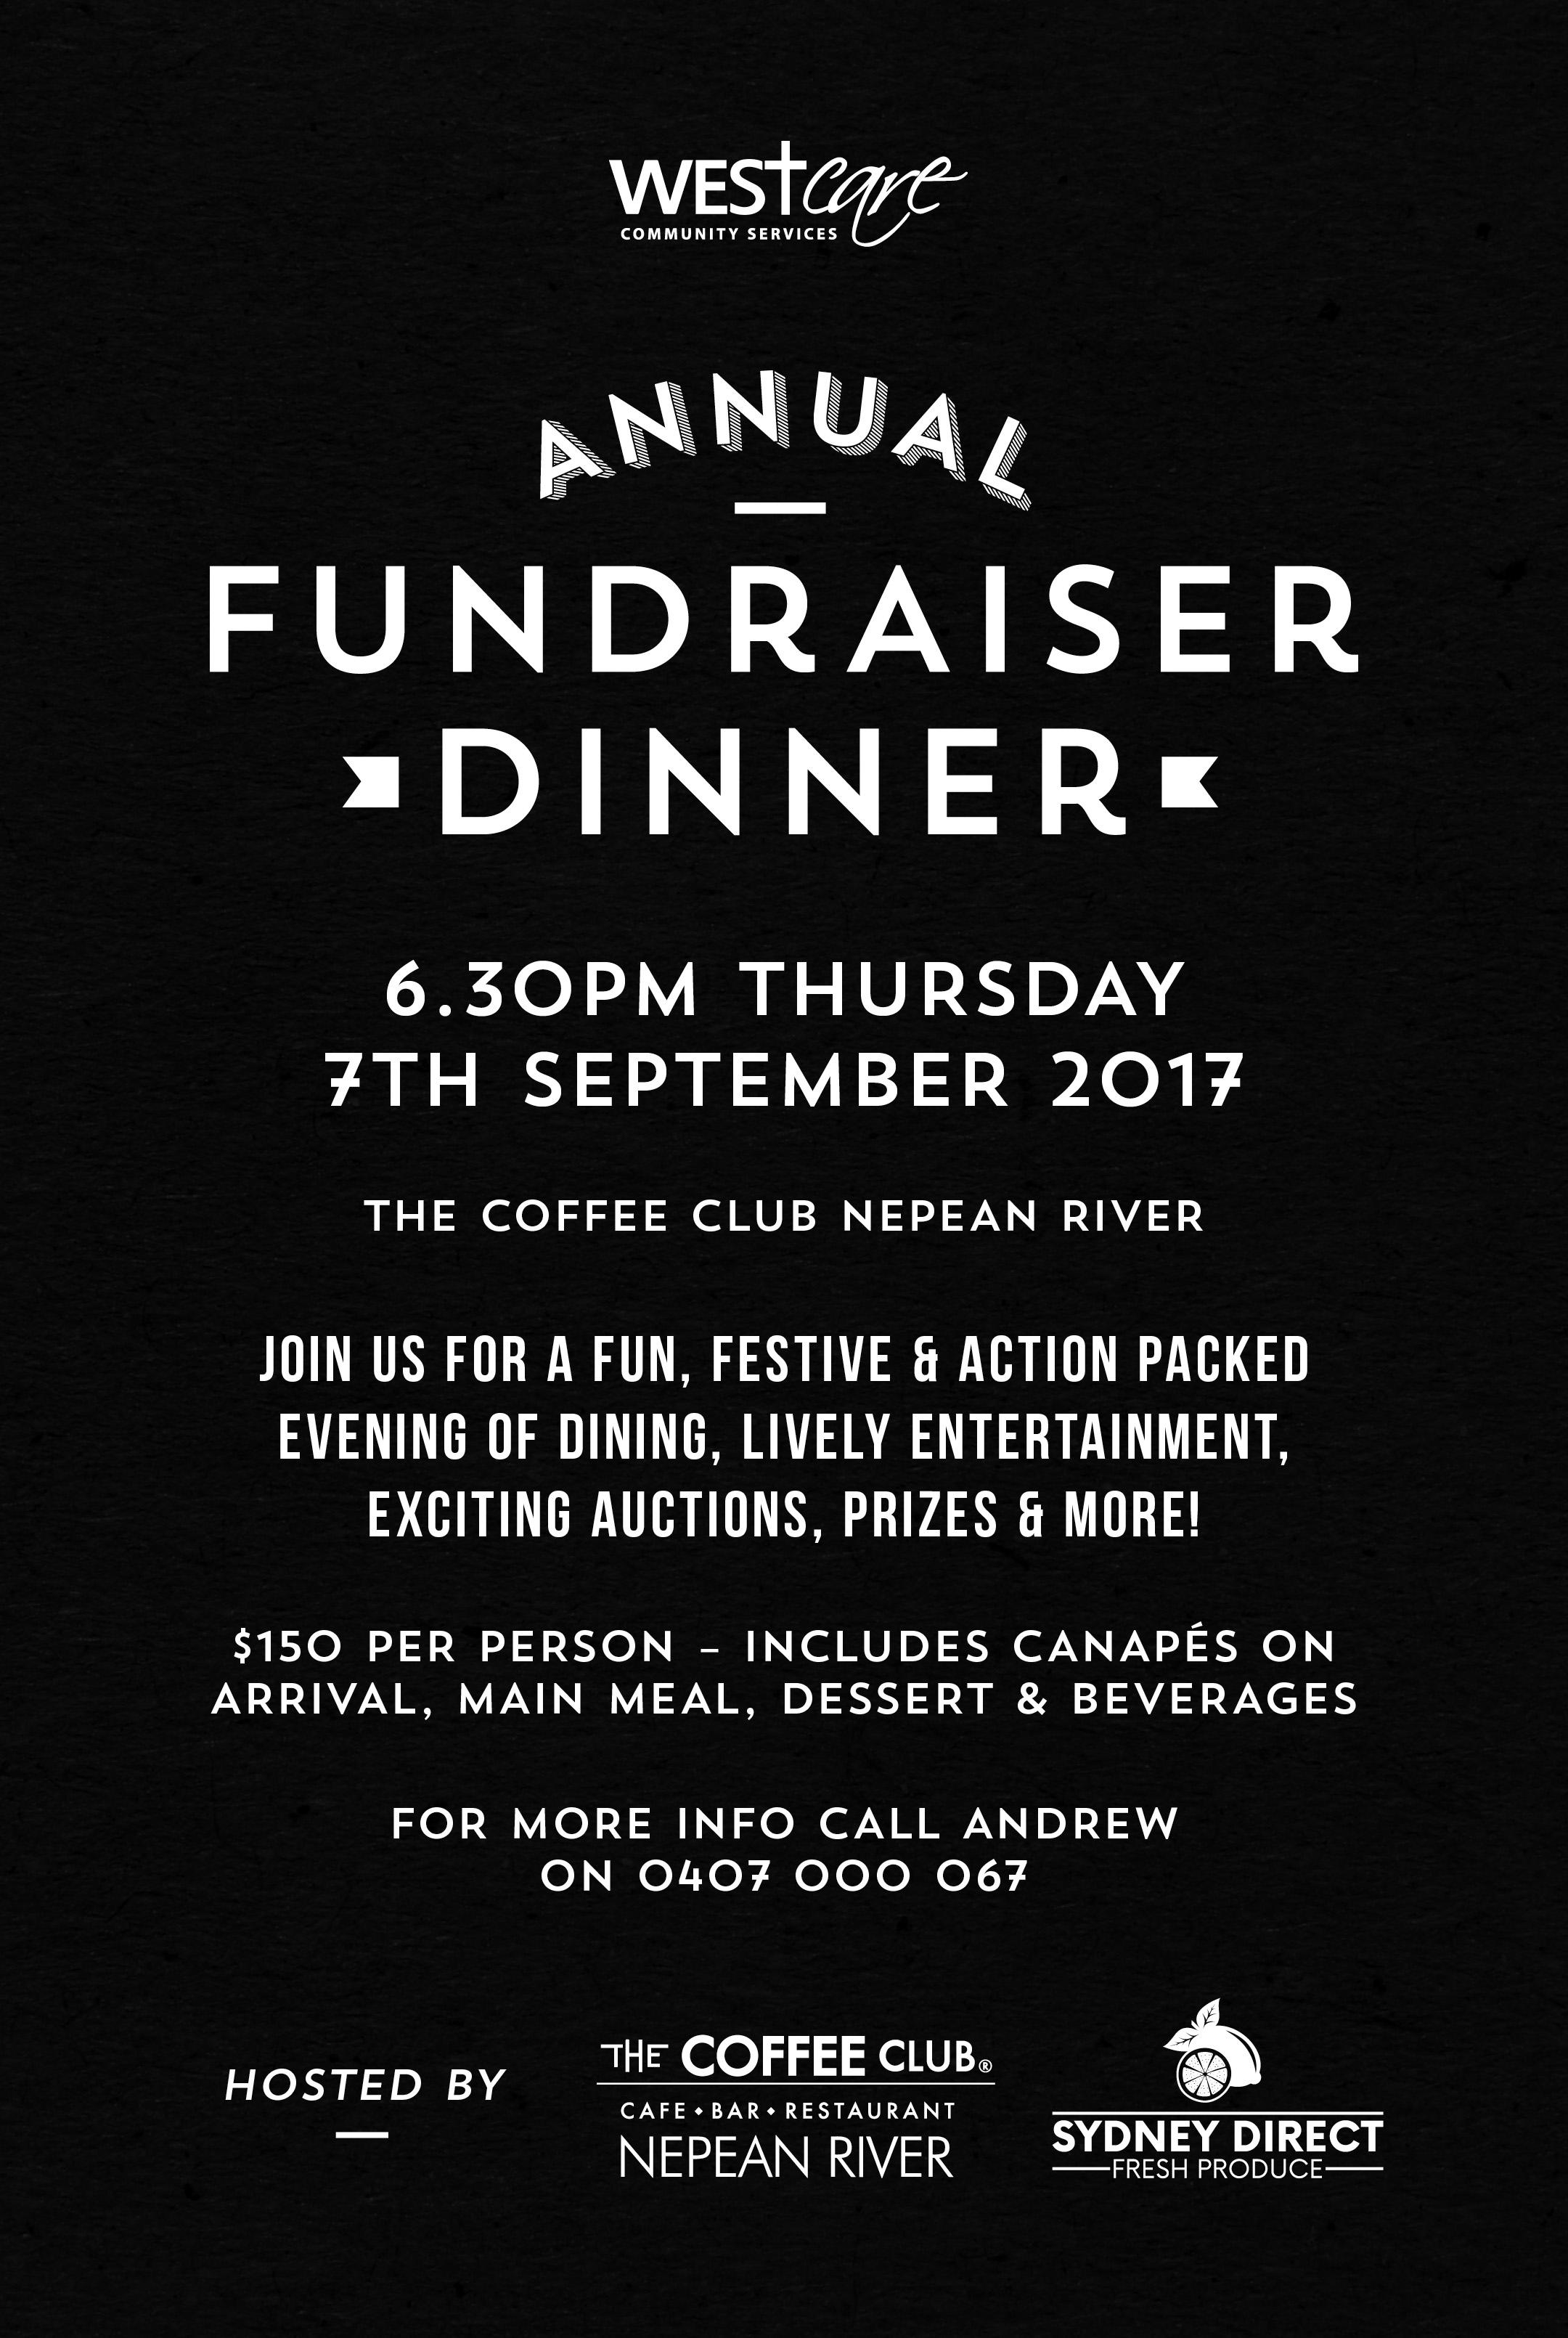 Fundraiser Dinner details